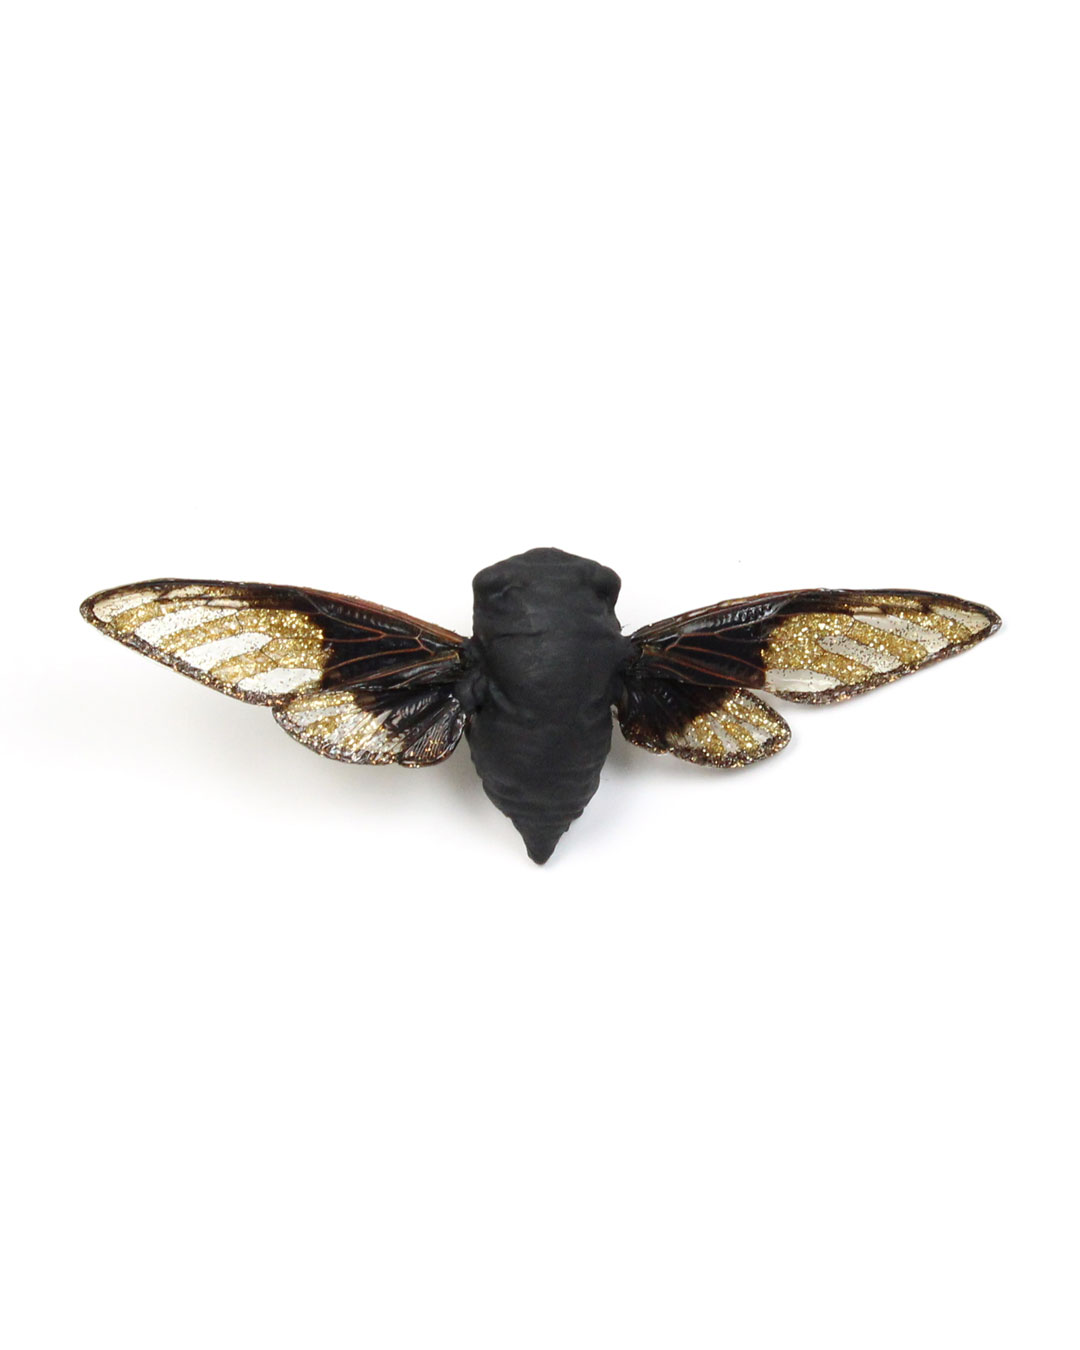 Märta Mattsson, Wings, 2016, brooch; cicada, copper, lacquer, resin, pigment, silver, 140 x 70 x 30 mm, €1100